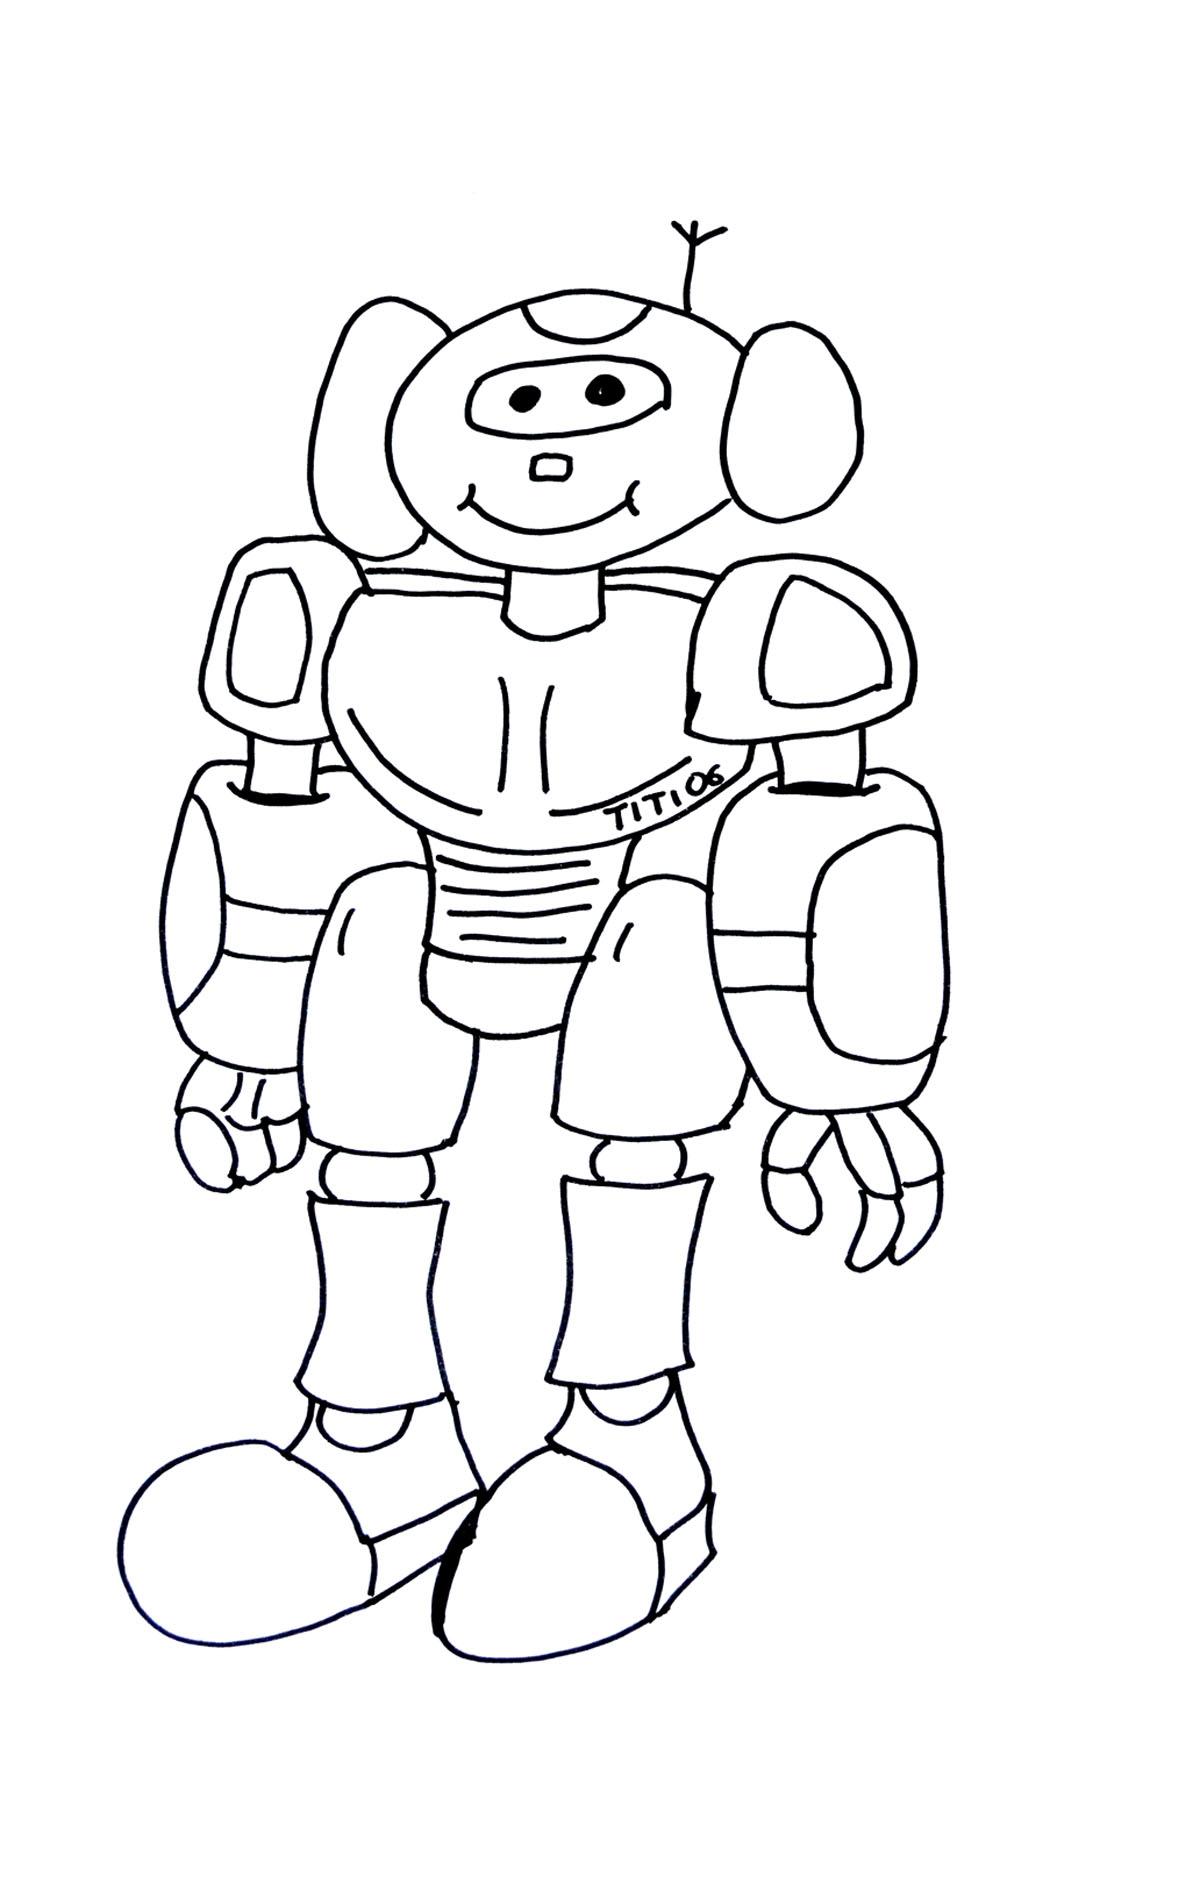 Robot coloriage de robots coloriages pour enfants - Enfants coloriage ...